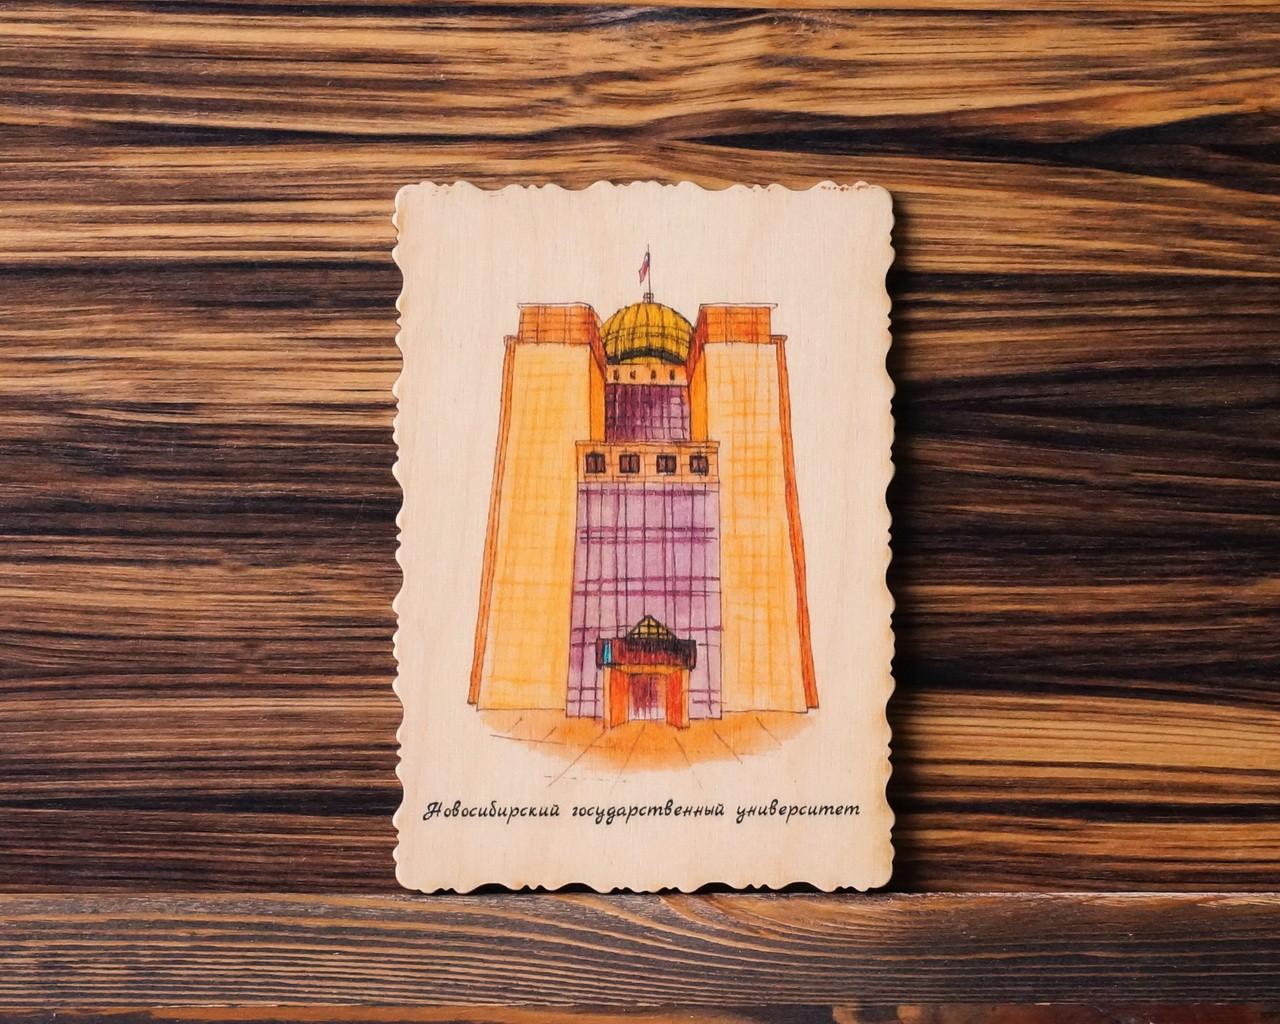 """Деревянная открытка """"Новосибирский государственный университет"""""""